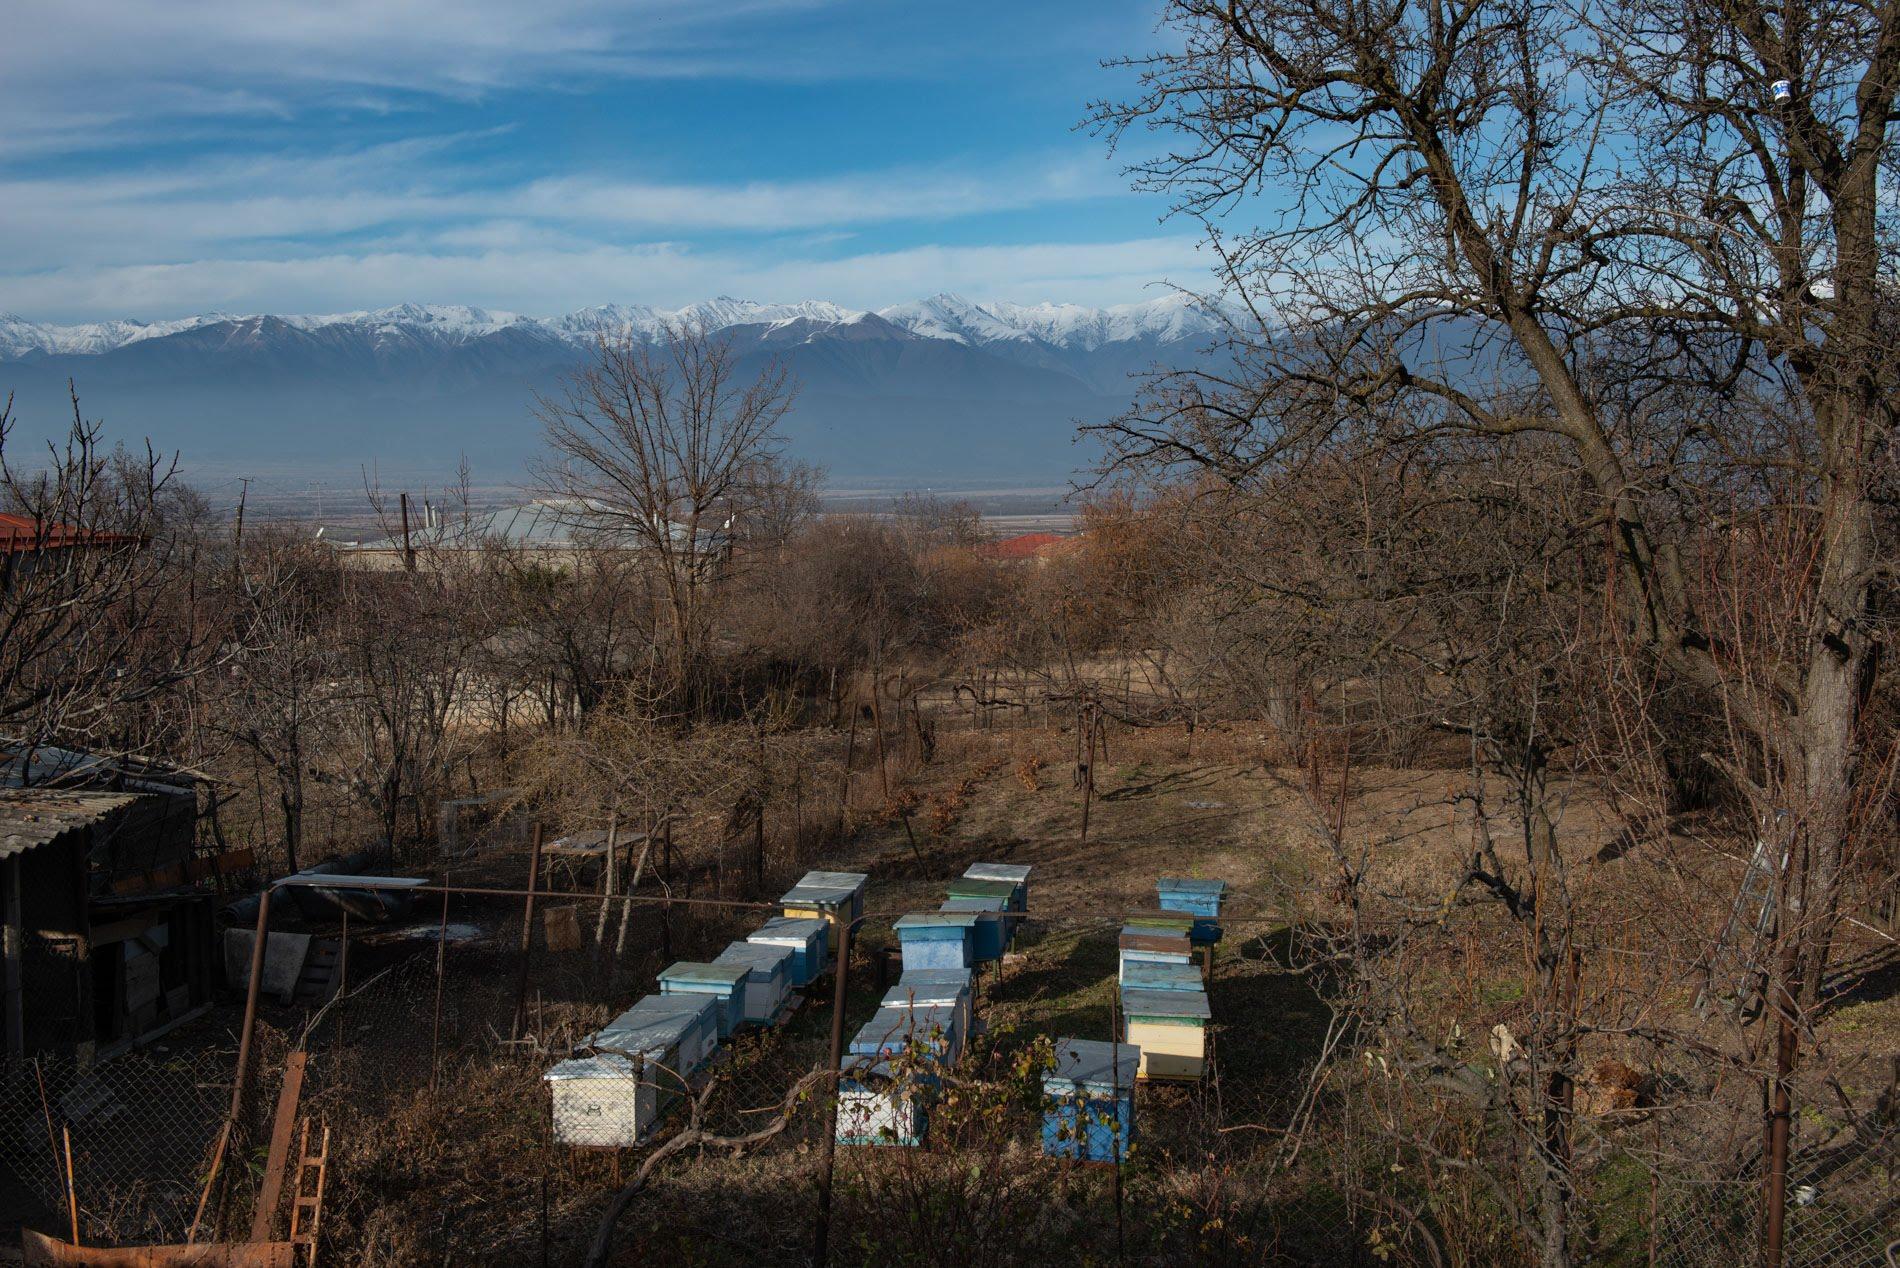 Лали утверждает, что в это время года в горах Кавказа должно быть намного больше снега. Фото: Тамуна Чкареули / OC Media